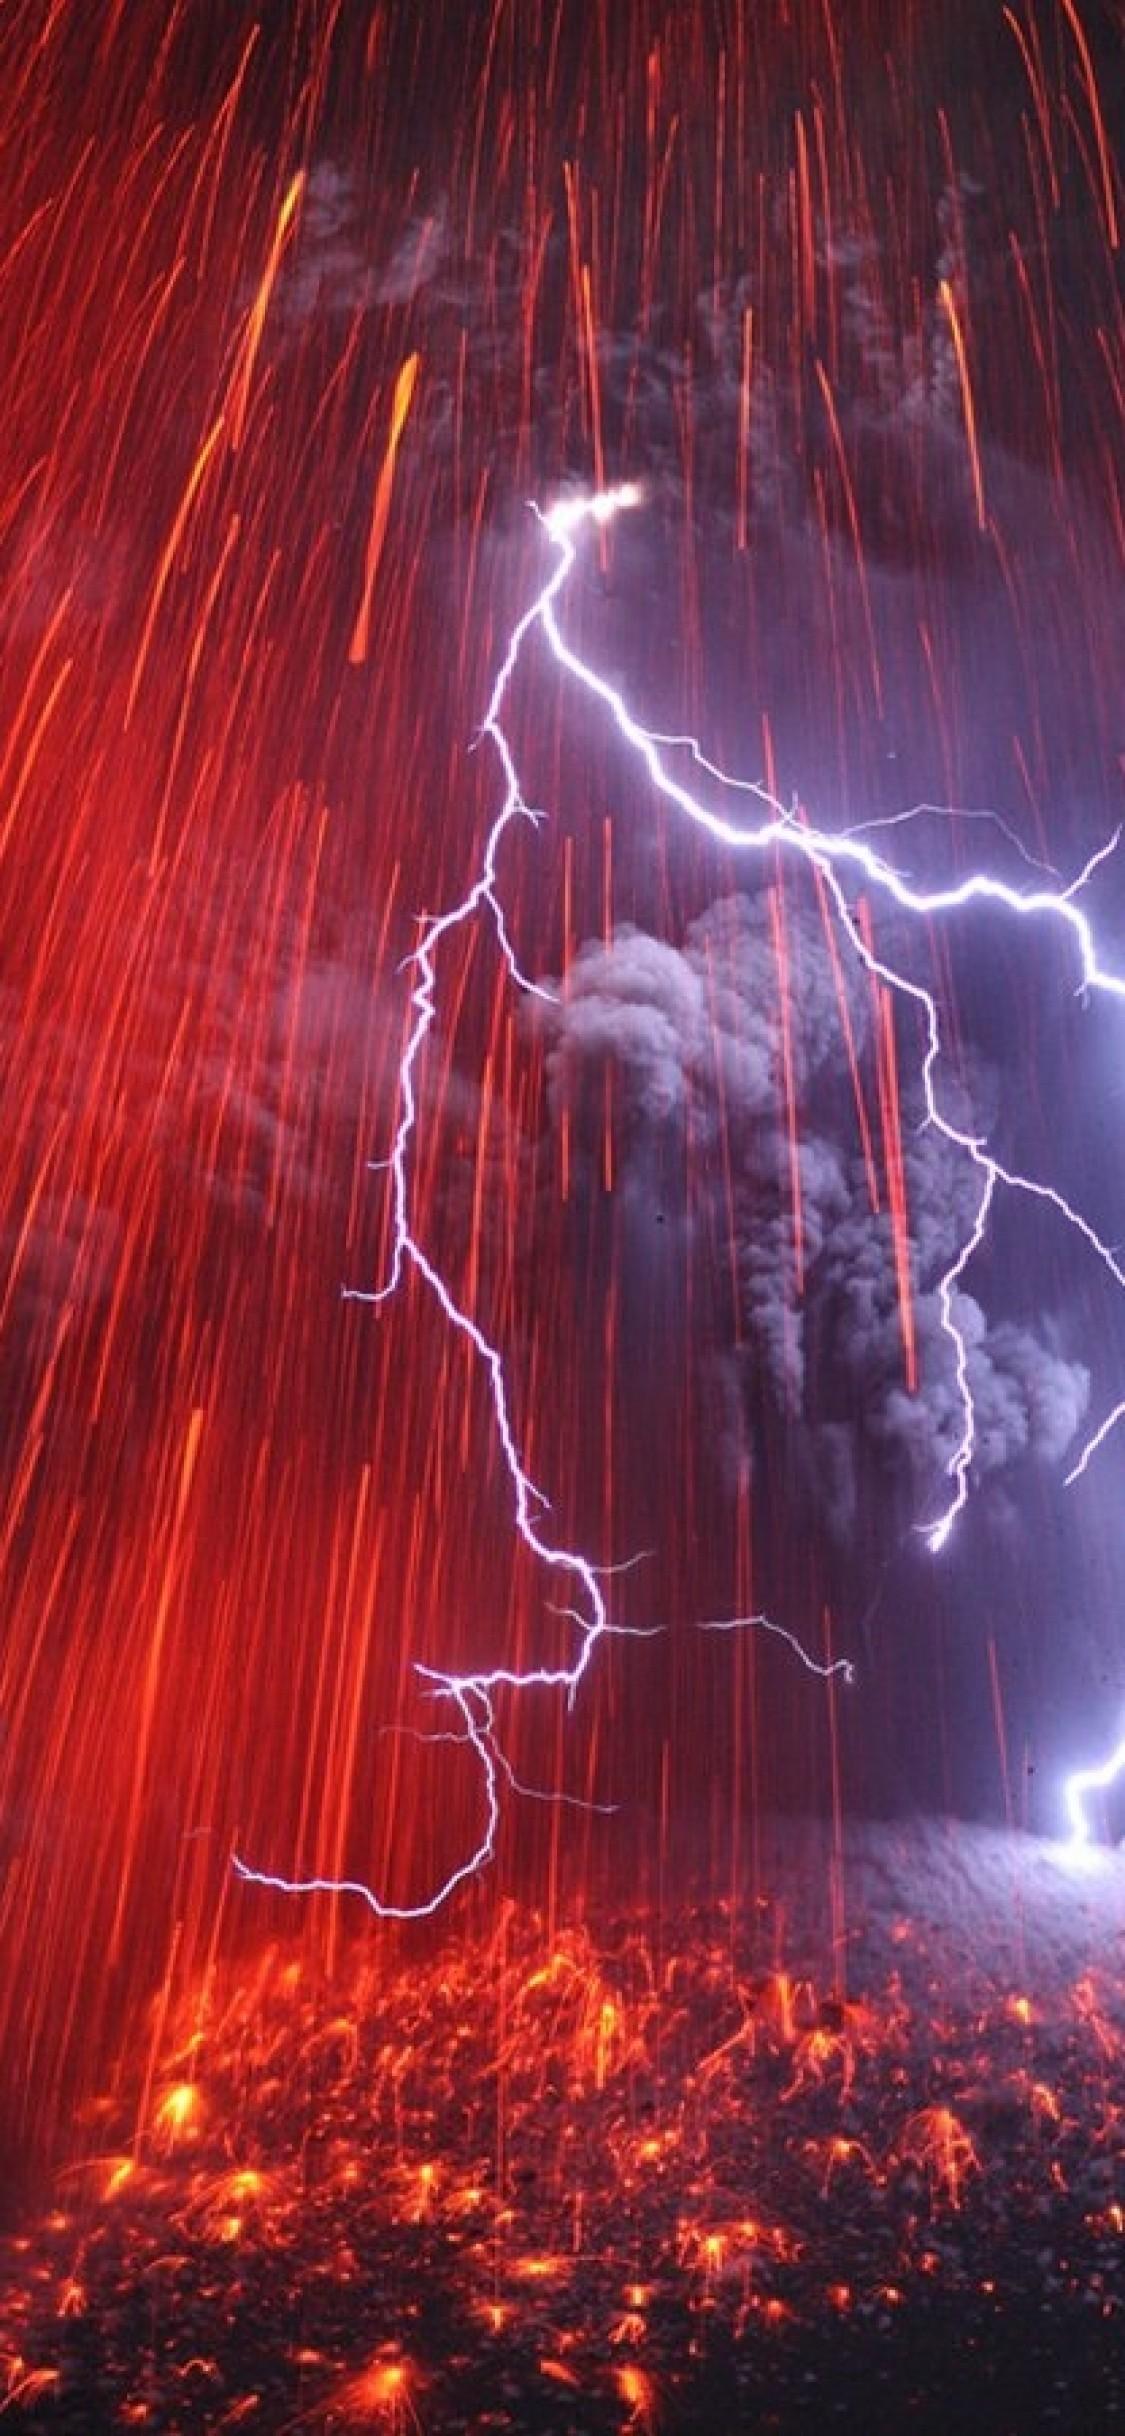 Volcano Lightning Volcano Lightning Wallpaper Hd Iphone 1125x2436 Wallpaper Teahub Io